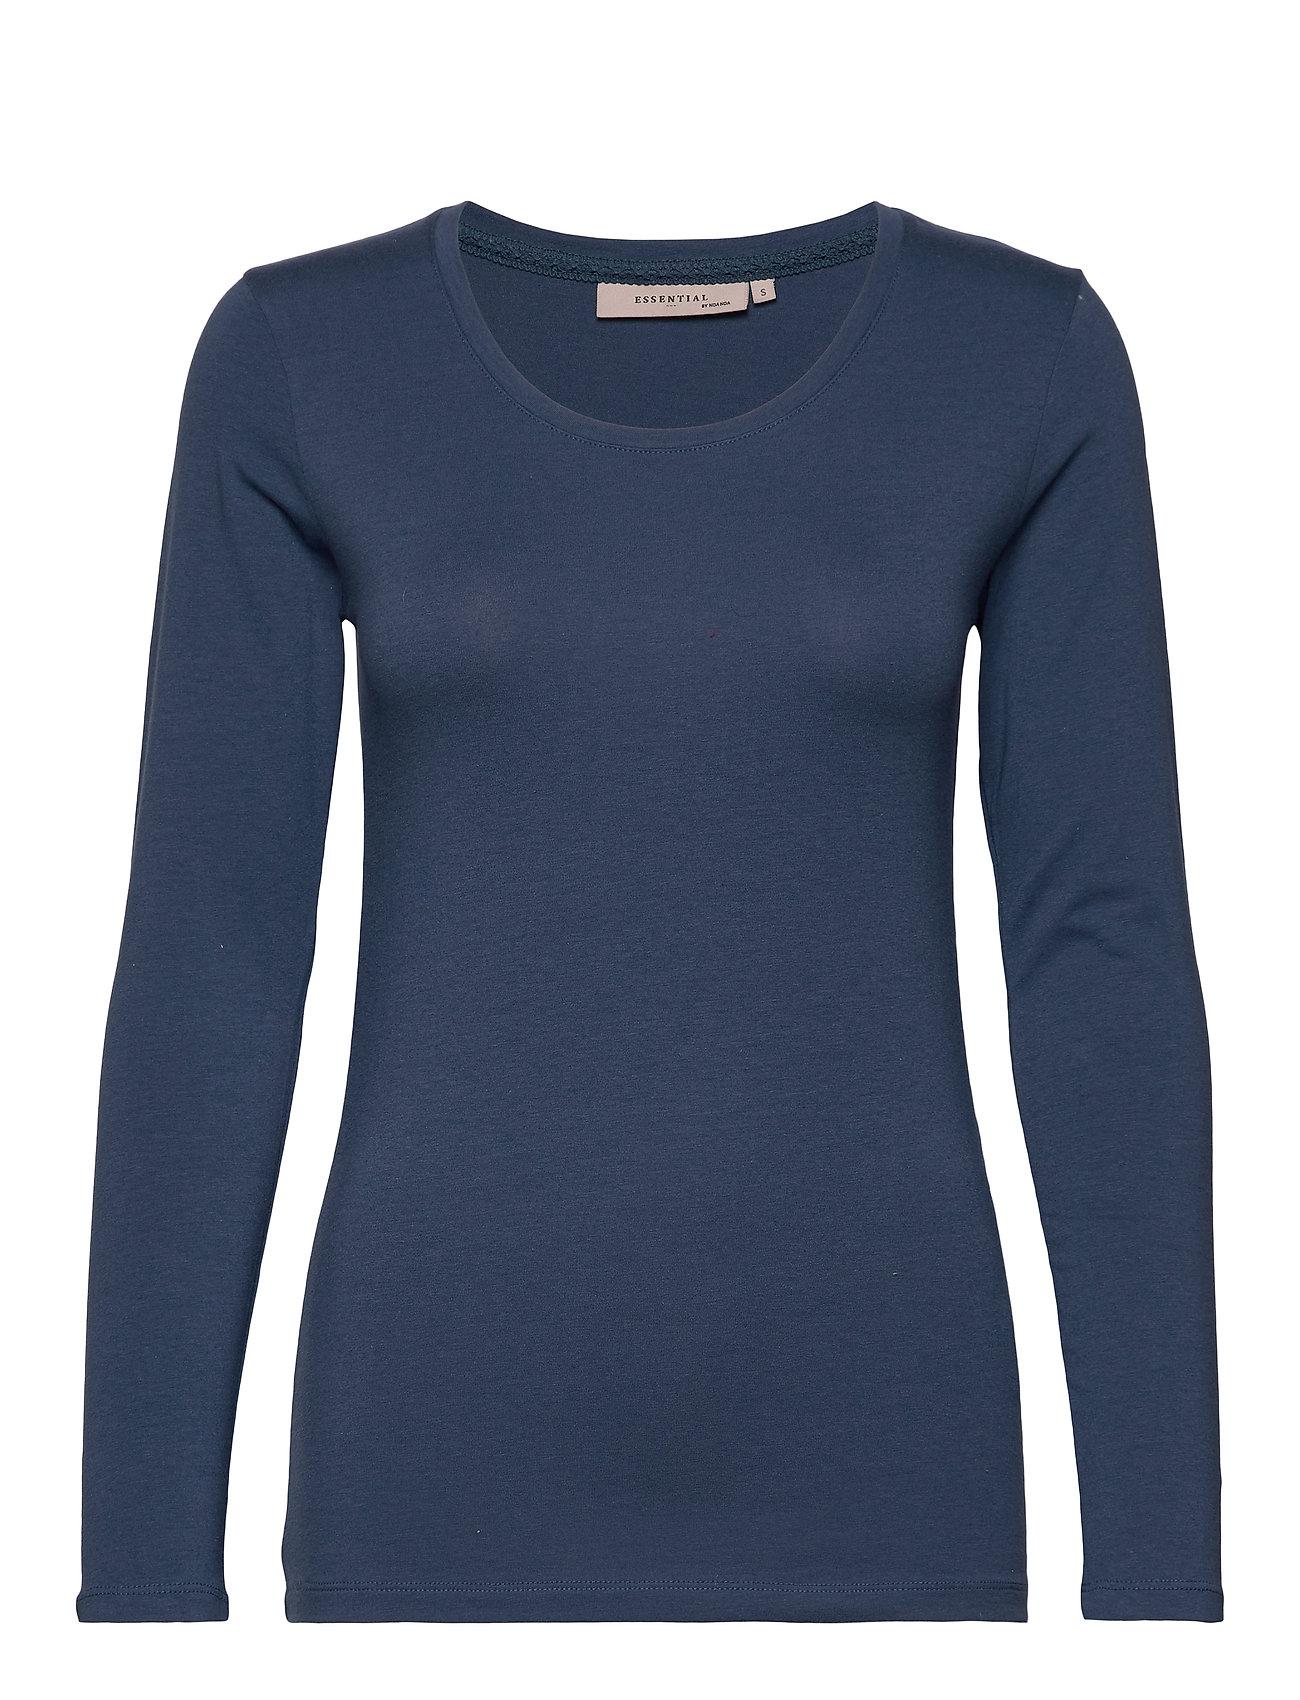 Noa Noa T-shirt - ENSIGN BLUE